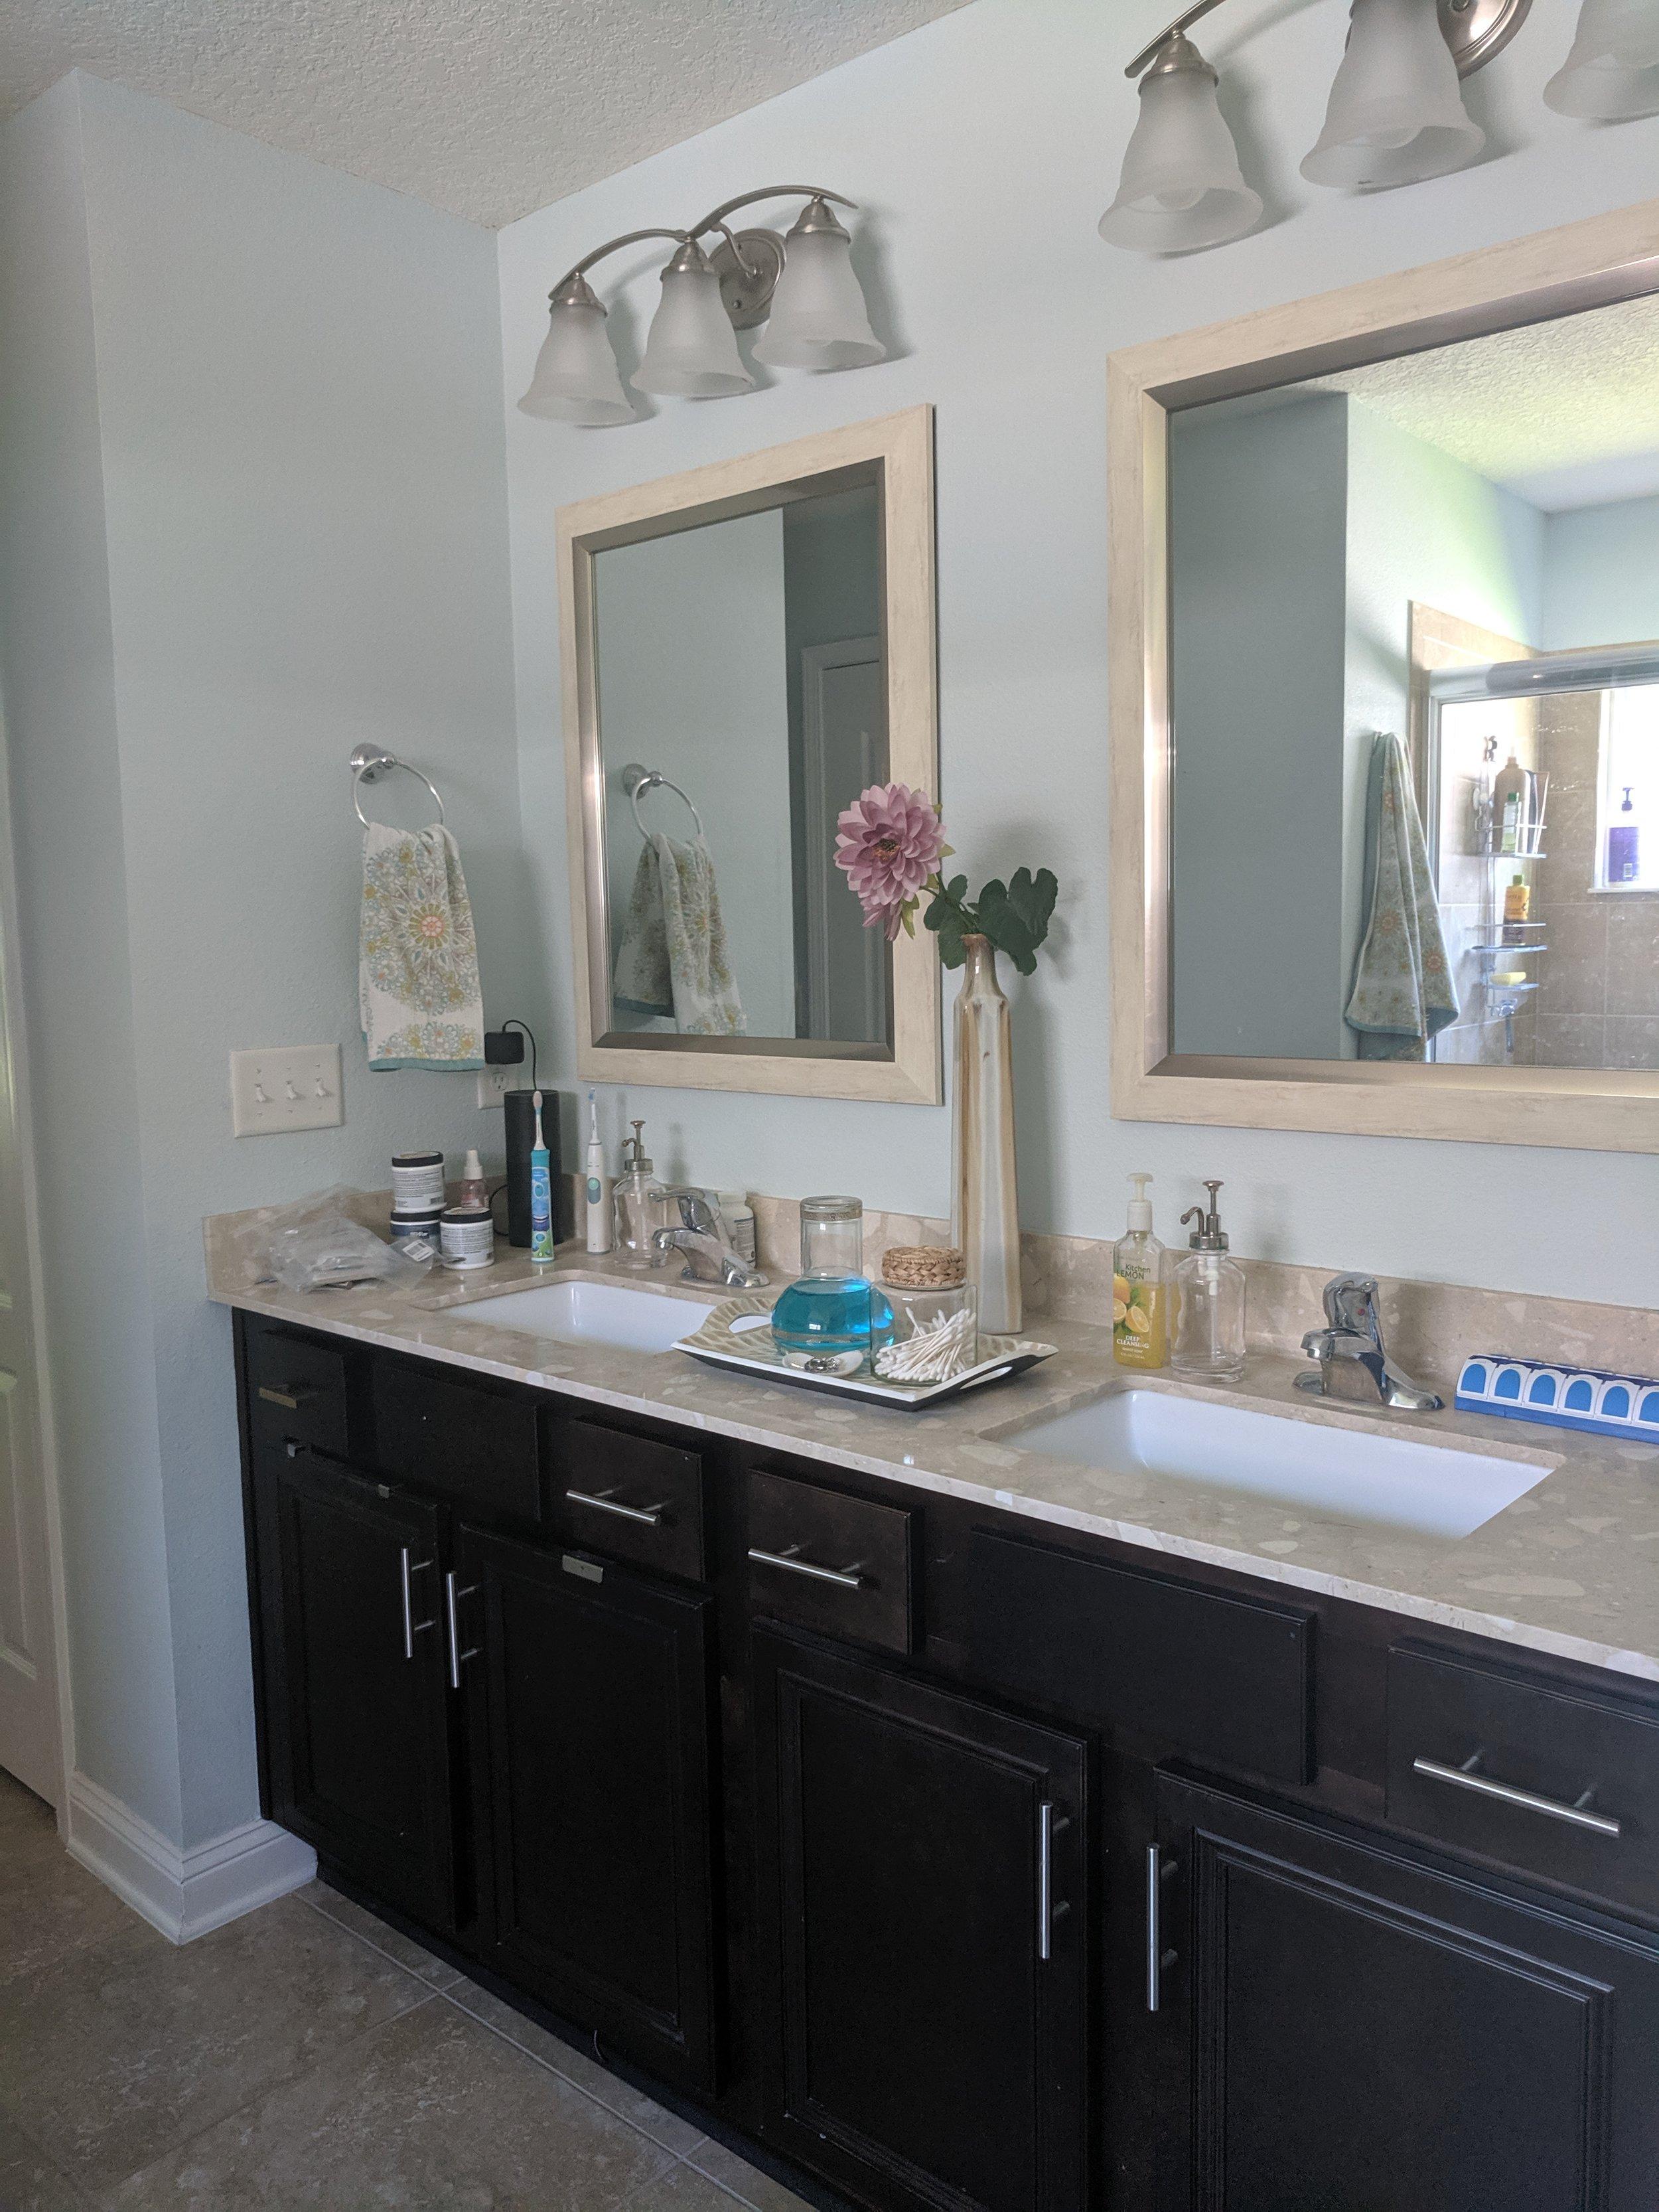 BEFORE - Master bathroom vanity